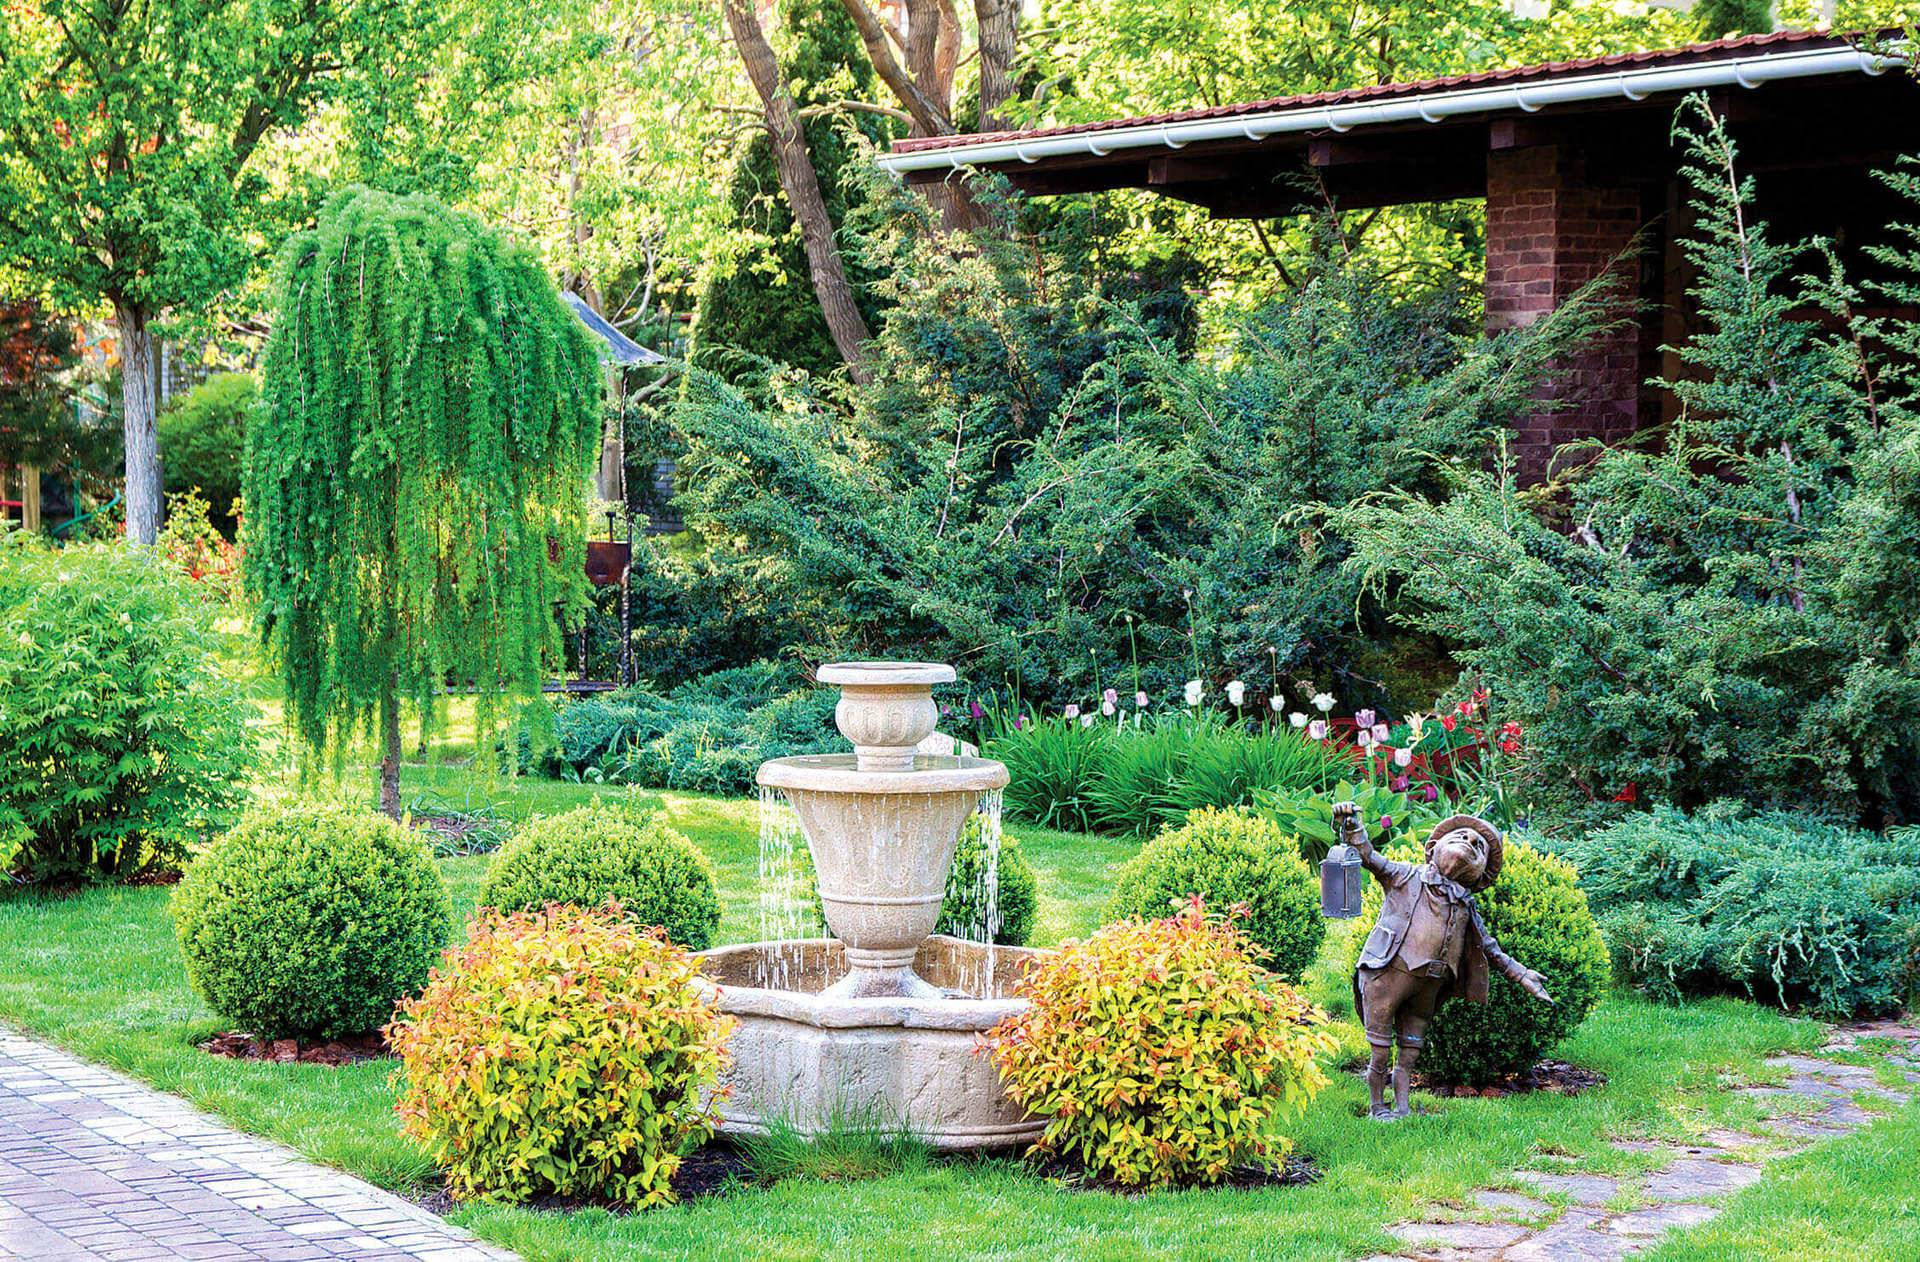 Ива шаровидная — посадка, размножение, уход и особенности выращивания. рекомендации по посадке и советы по применению в ландшафтном дизайне (85 фото)